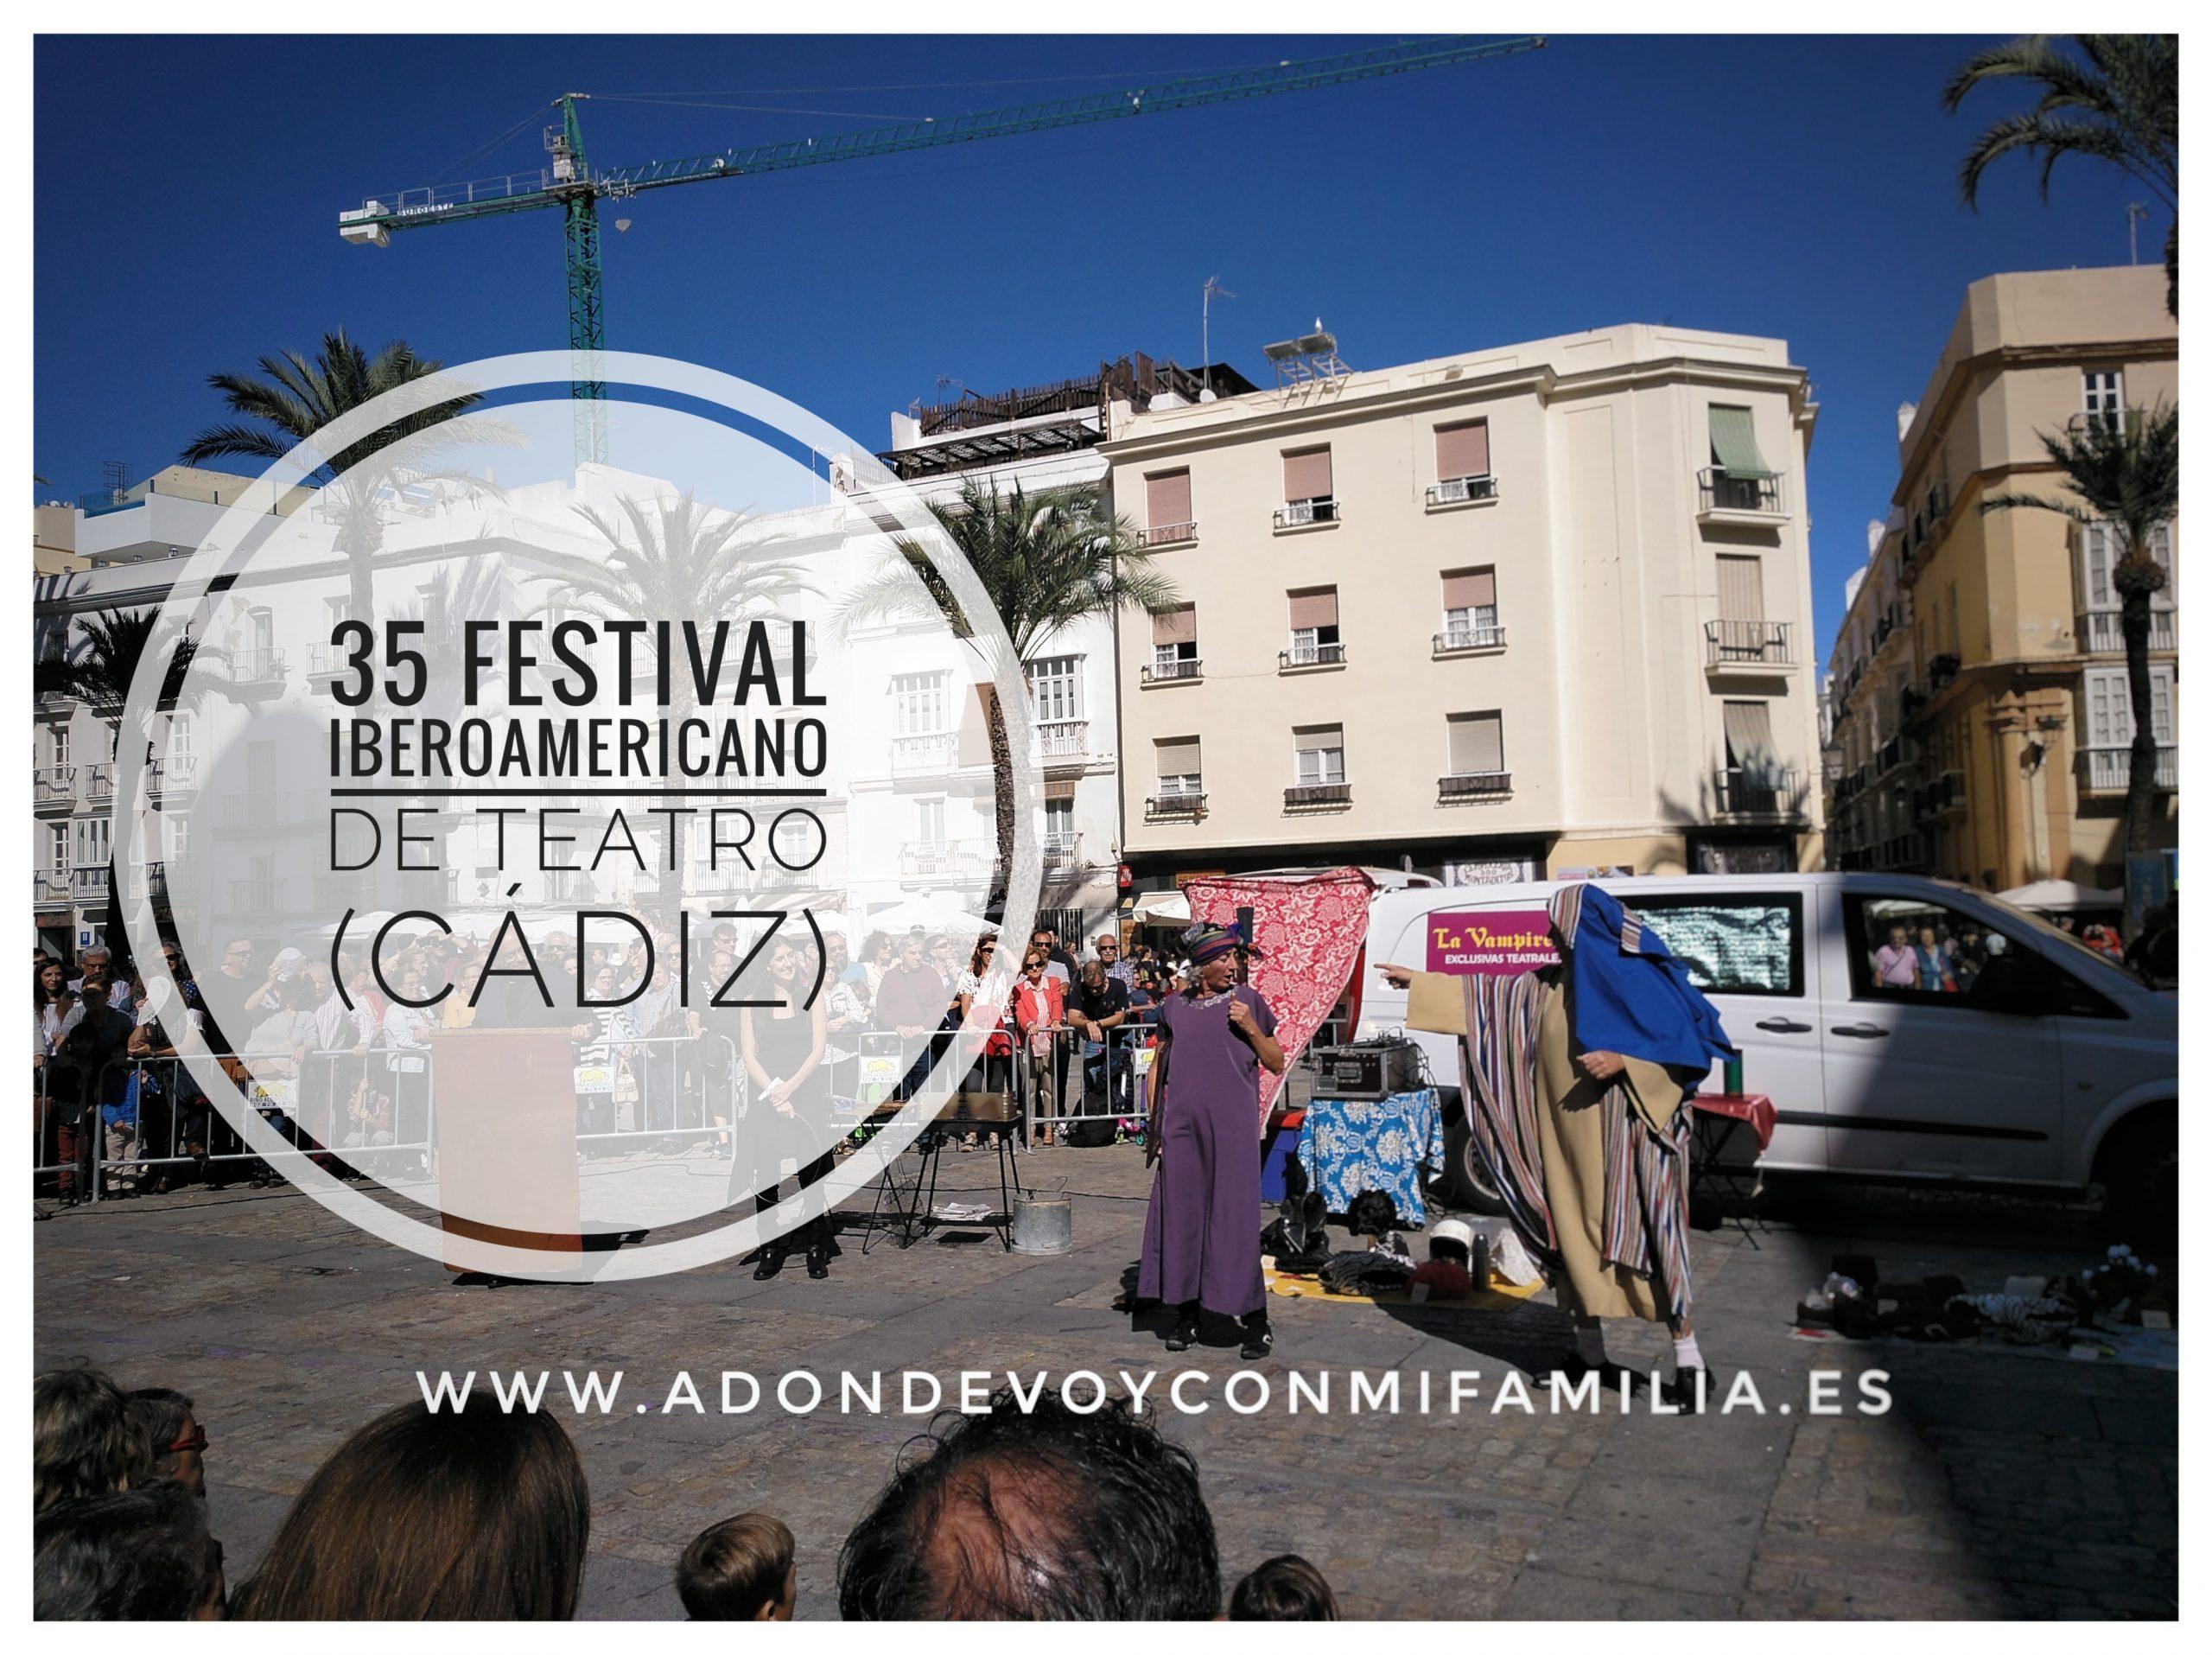 35º FESTIVAL IBEROAMERICANO DE TEATRO Familia con Niños (CÁDIZ)